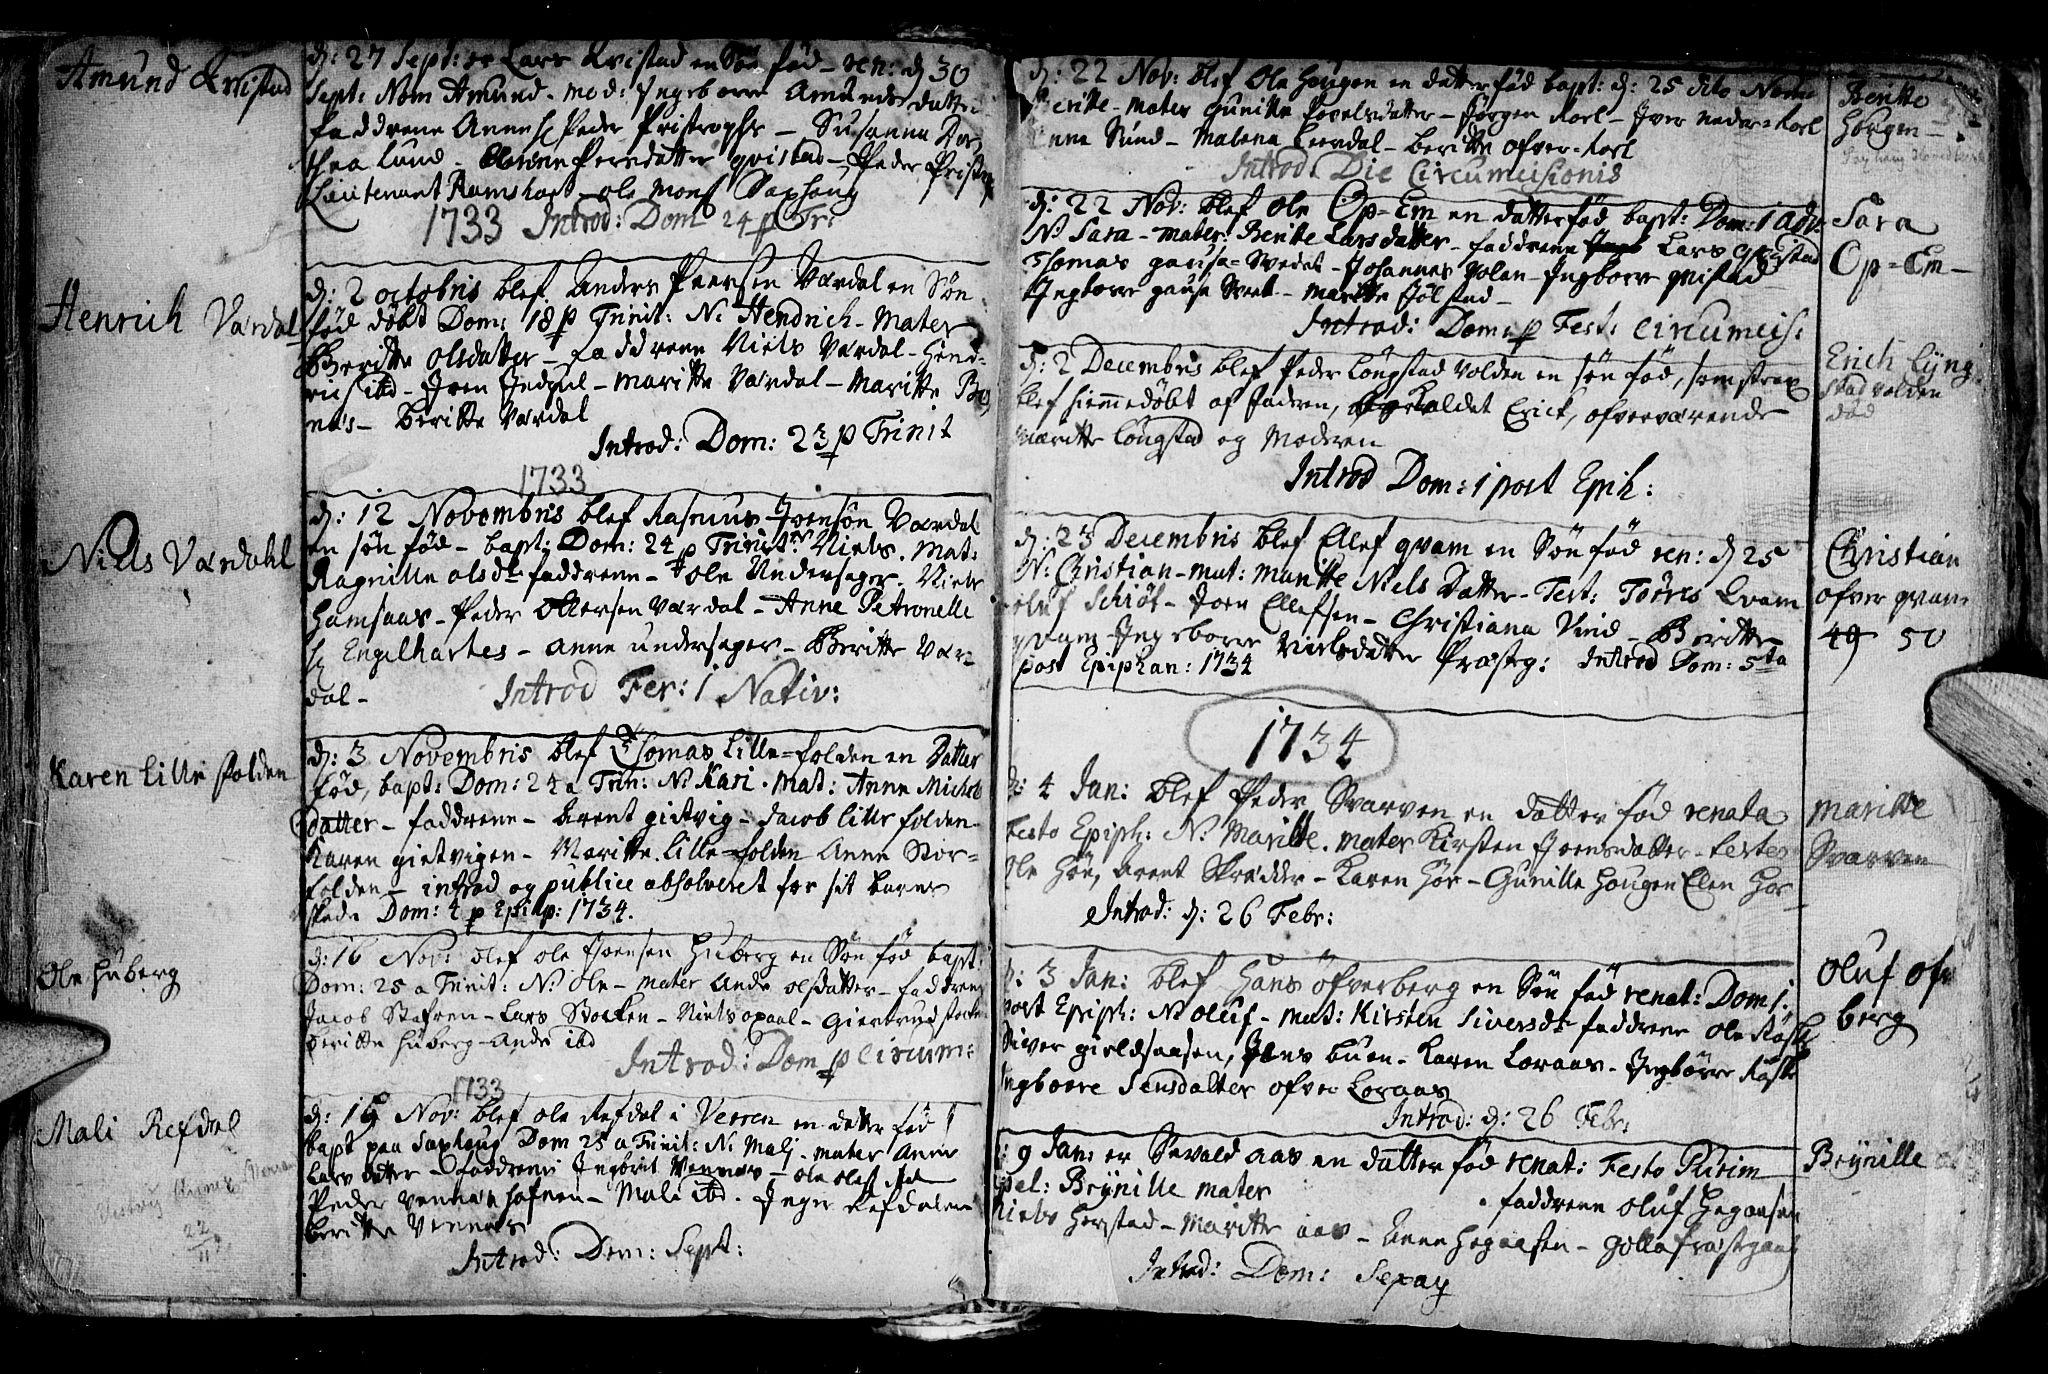 SAT, Ministerialprotokoller, klokkerbøker og fødselsregistre - Nord-Trøndelag, 730/L0272: Ministerialbok nr. 730A01, 1733-1764, s. 36